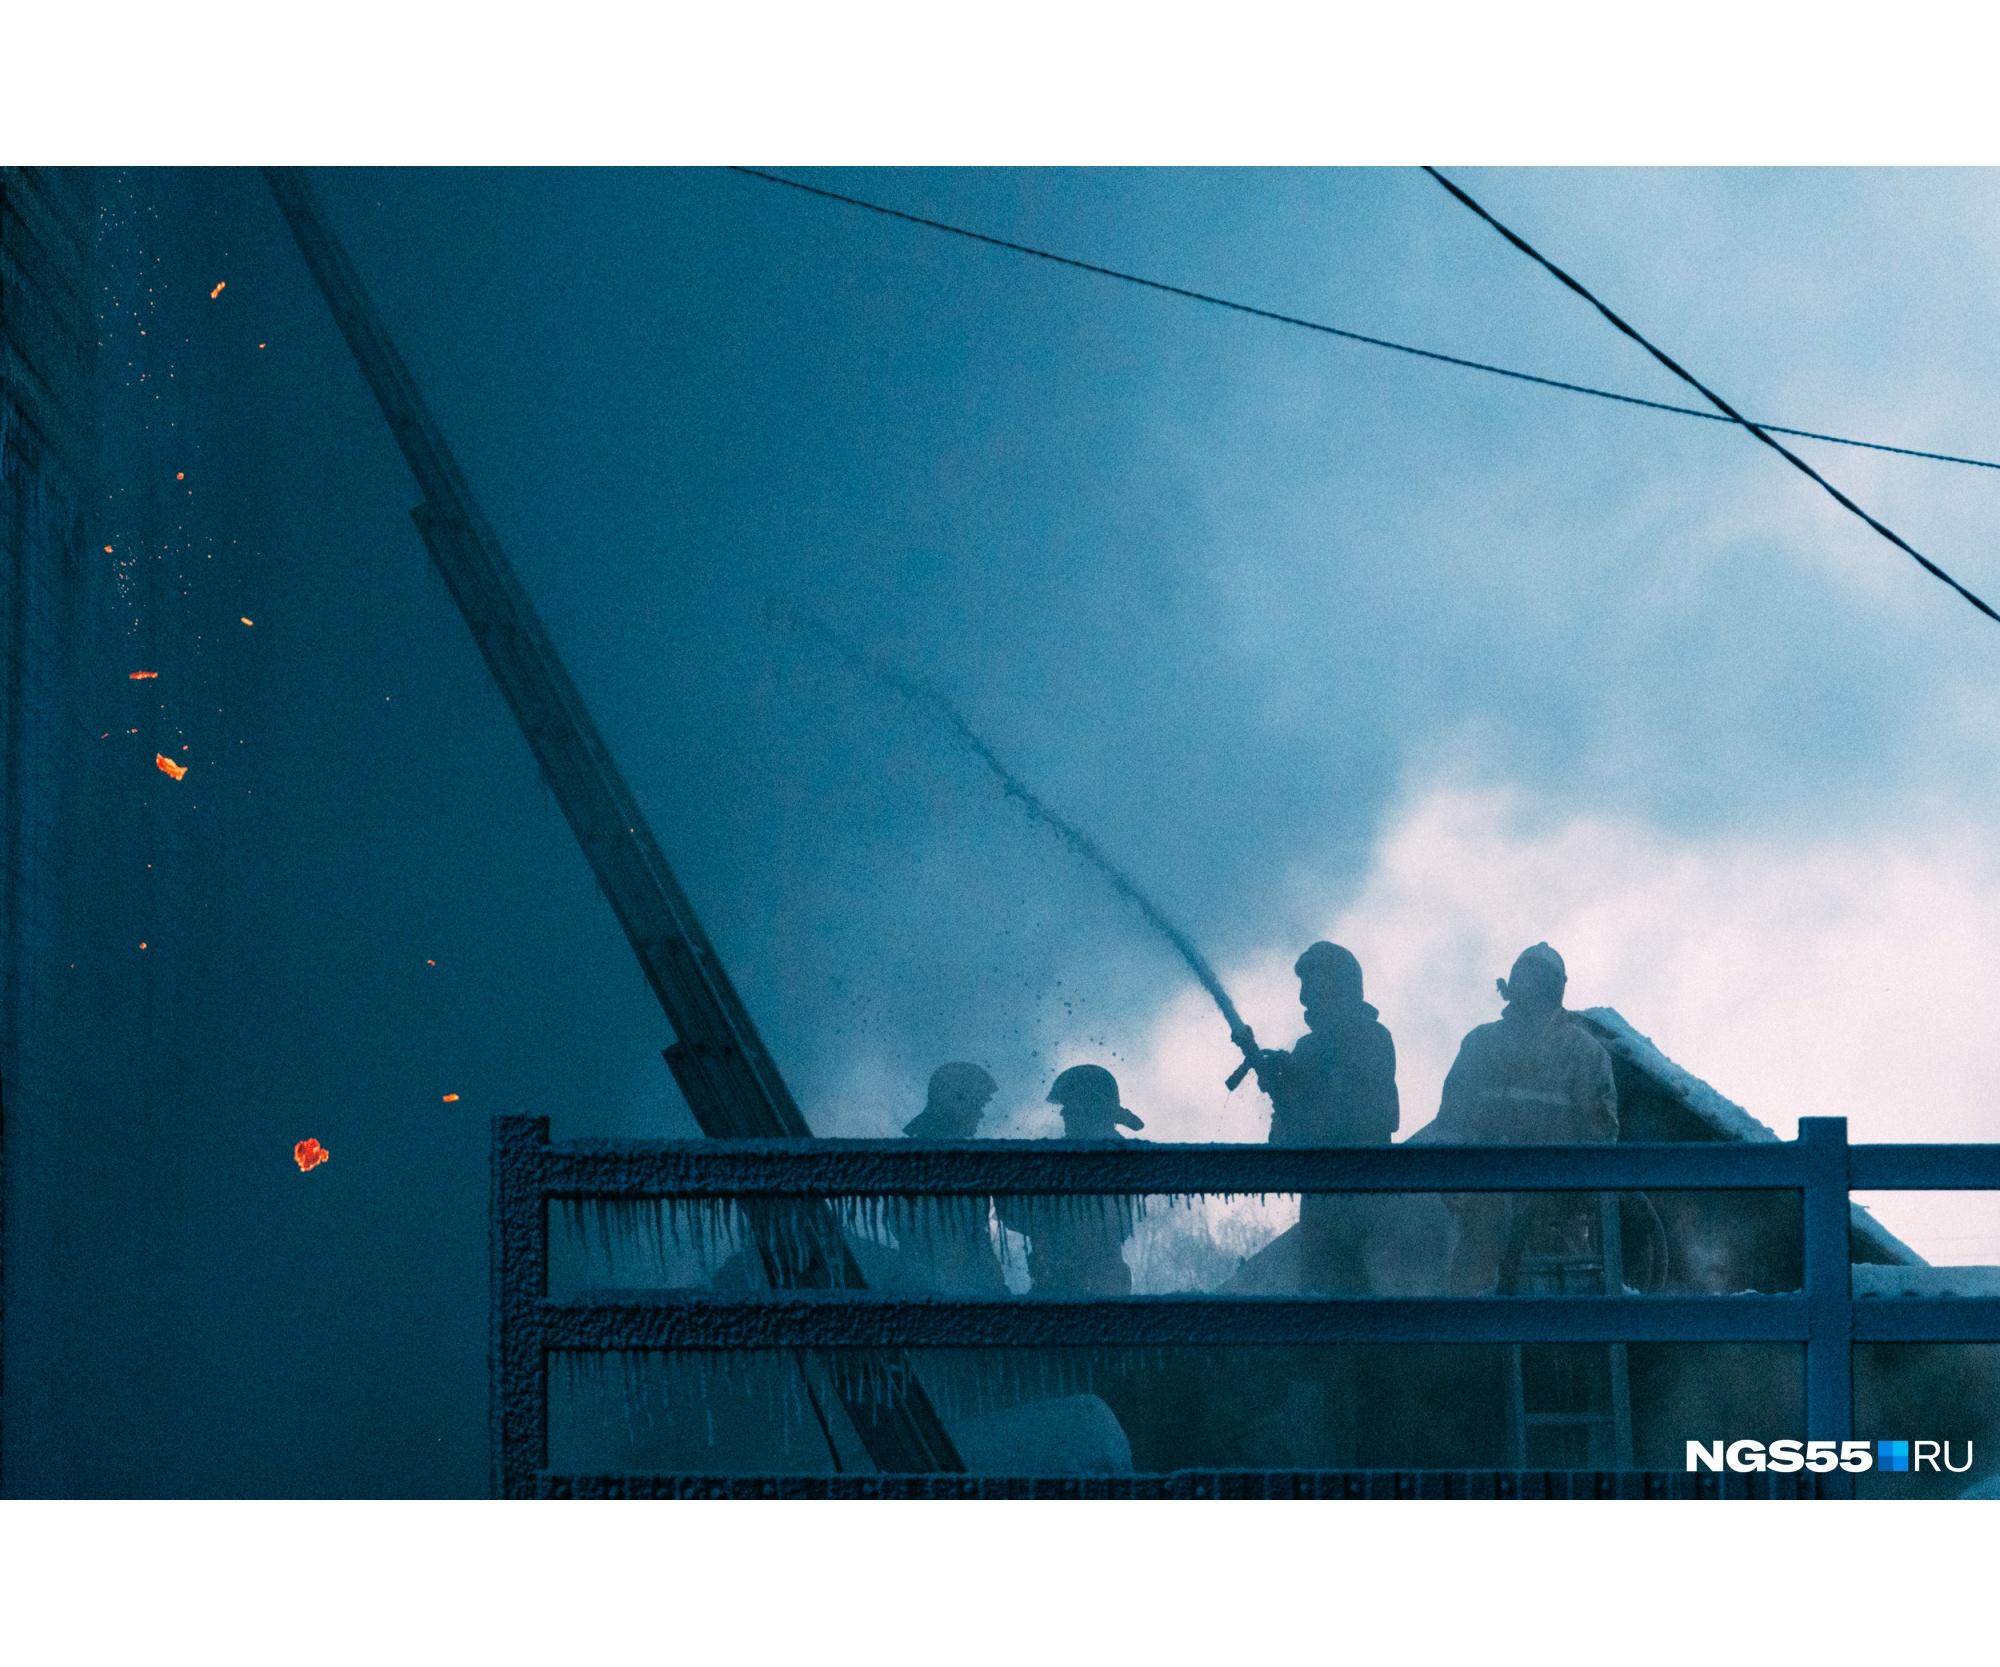 В зимних сумерках происходящее было похоже на кадры из фильма-катастрофы